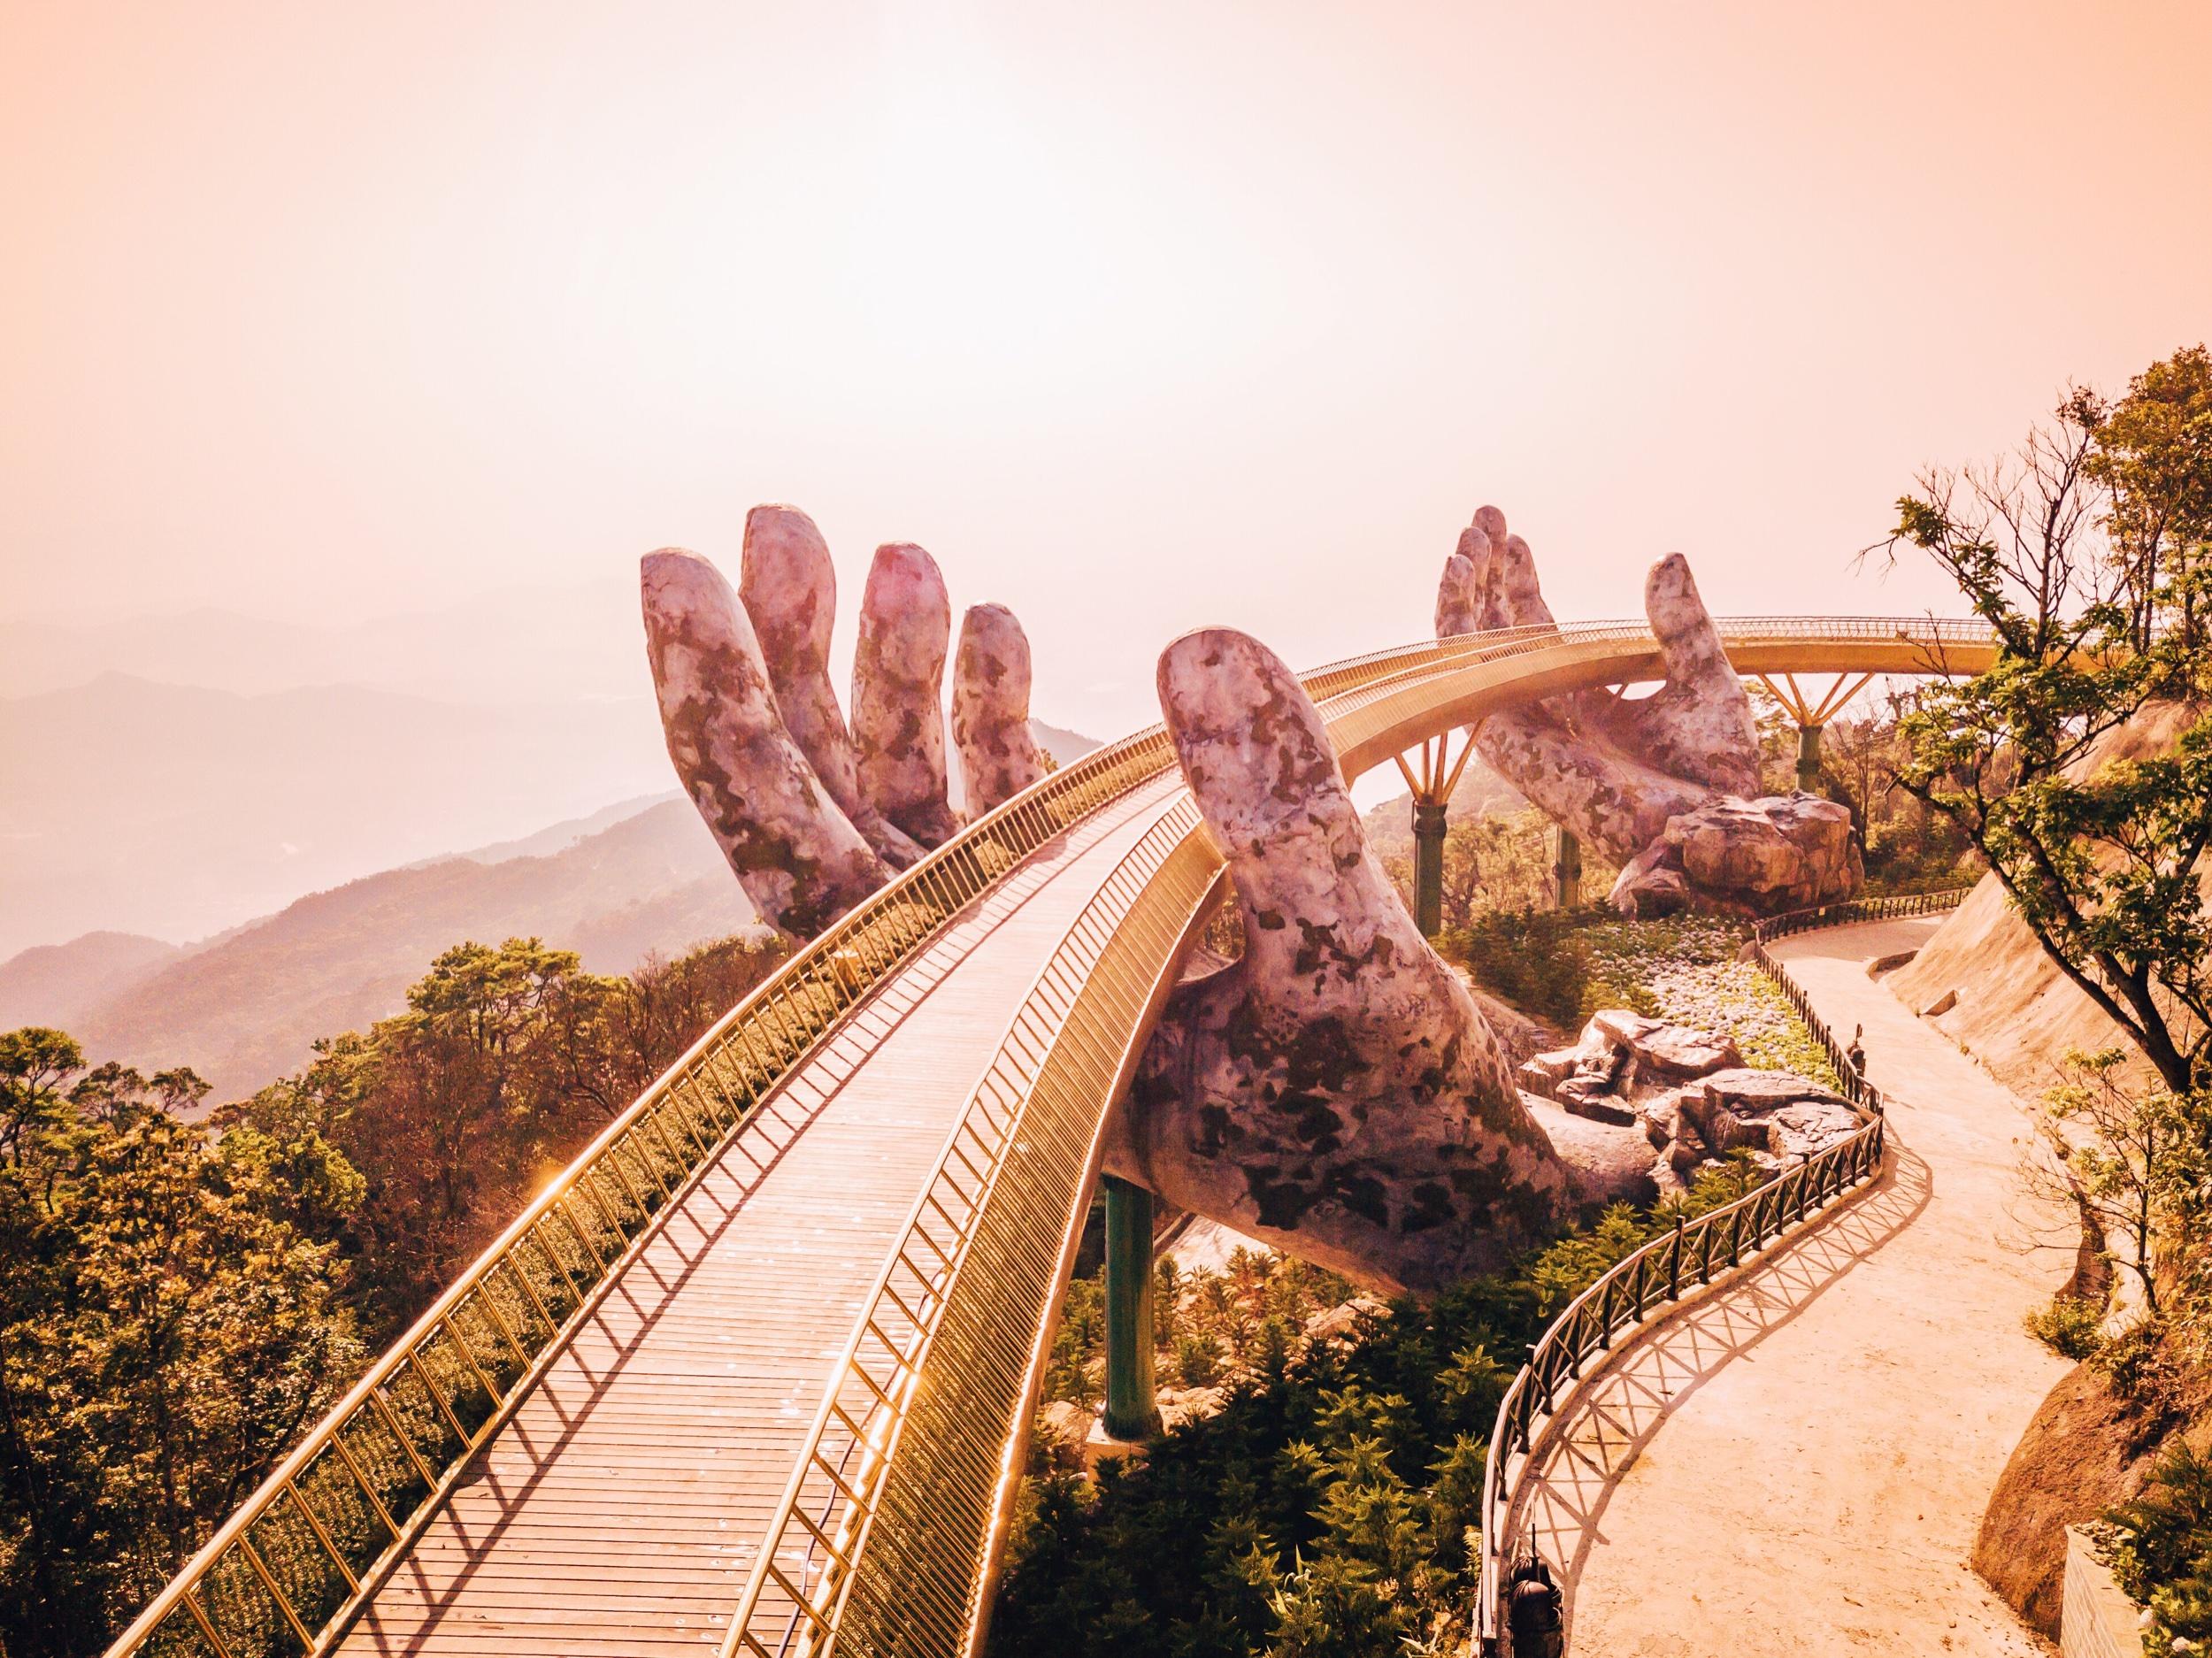 Hands of God, Golden Bridge, Cầu Vàng, Da Nang